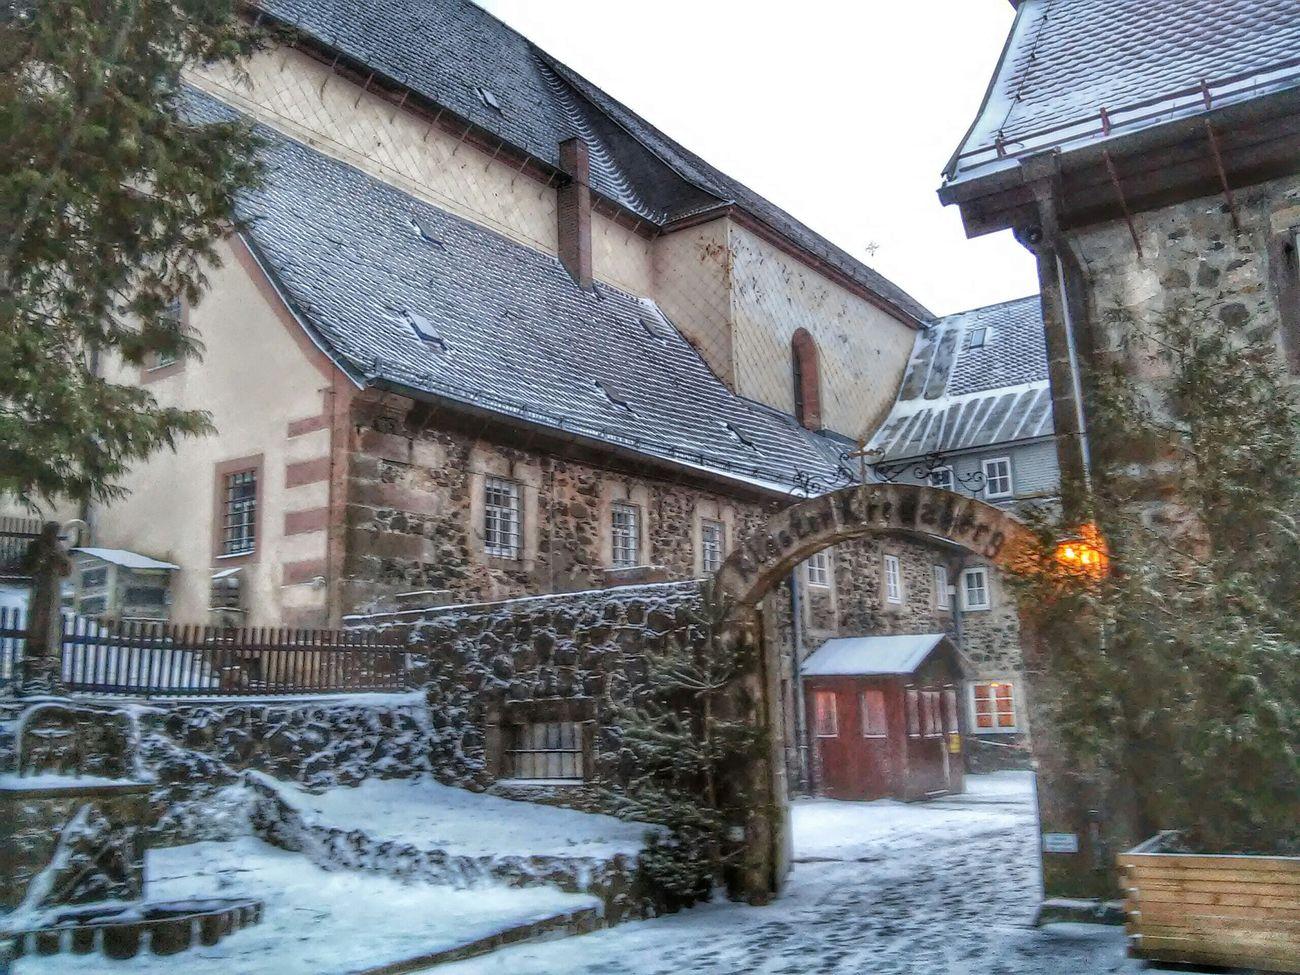 Kloster Kreuzberg Winter Wonderland ❄